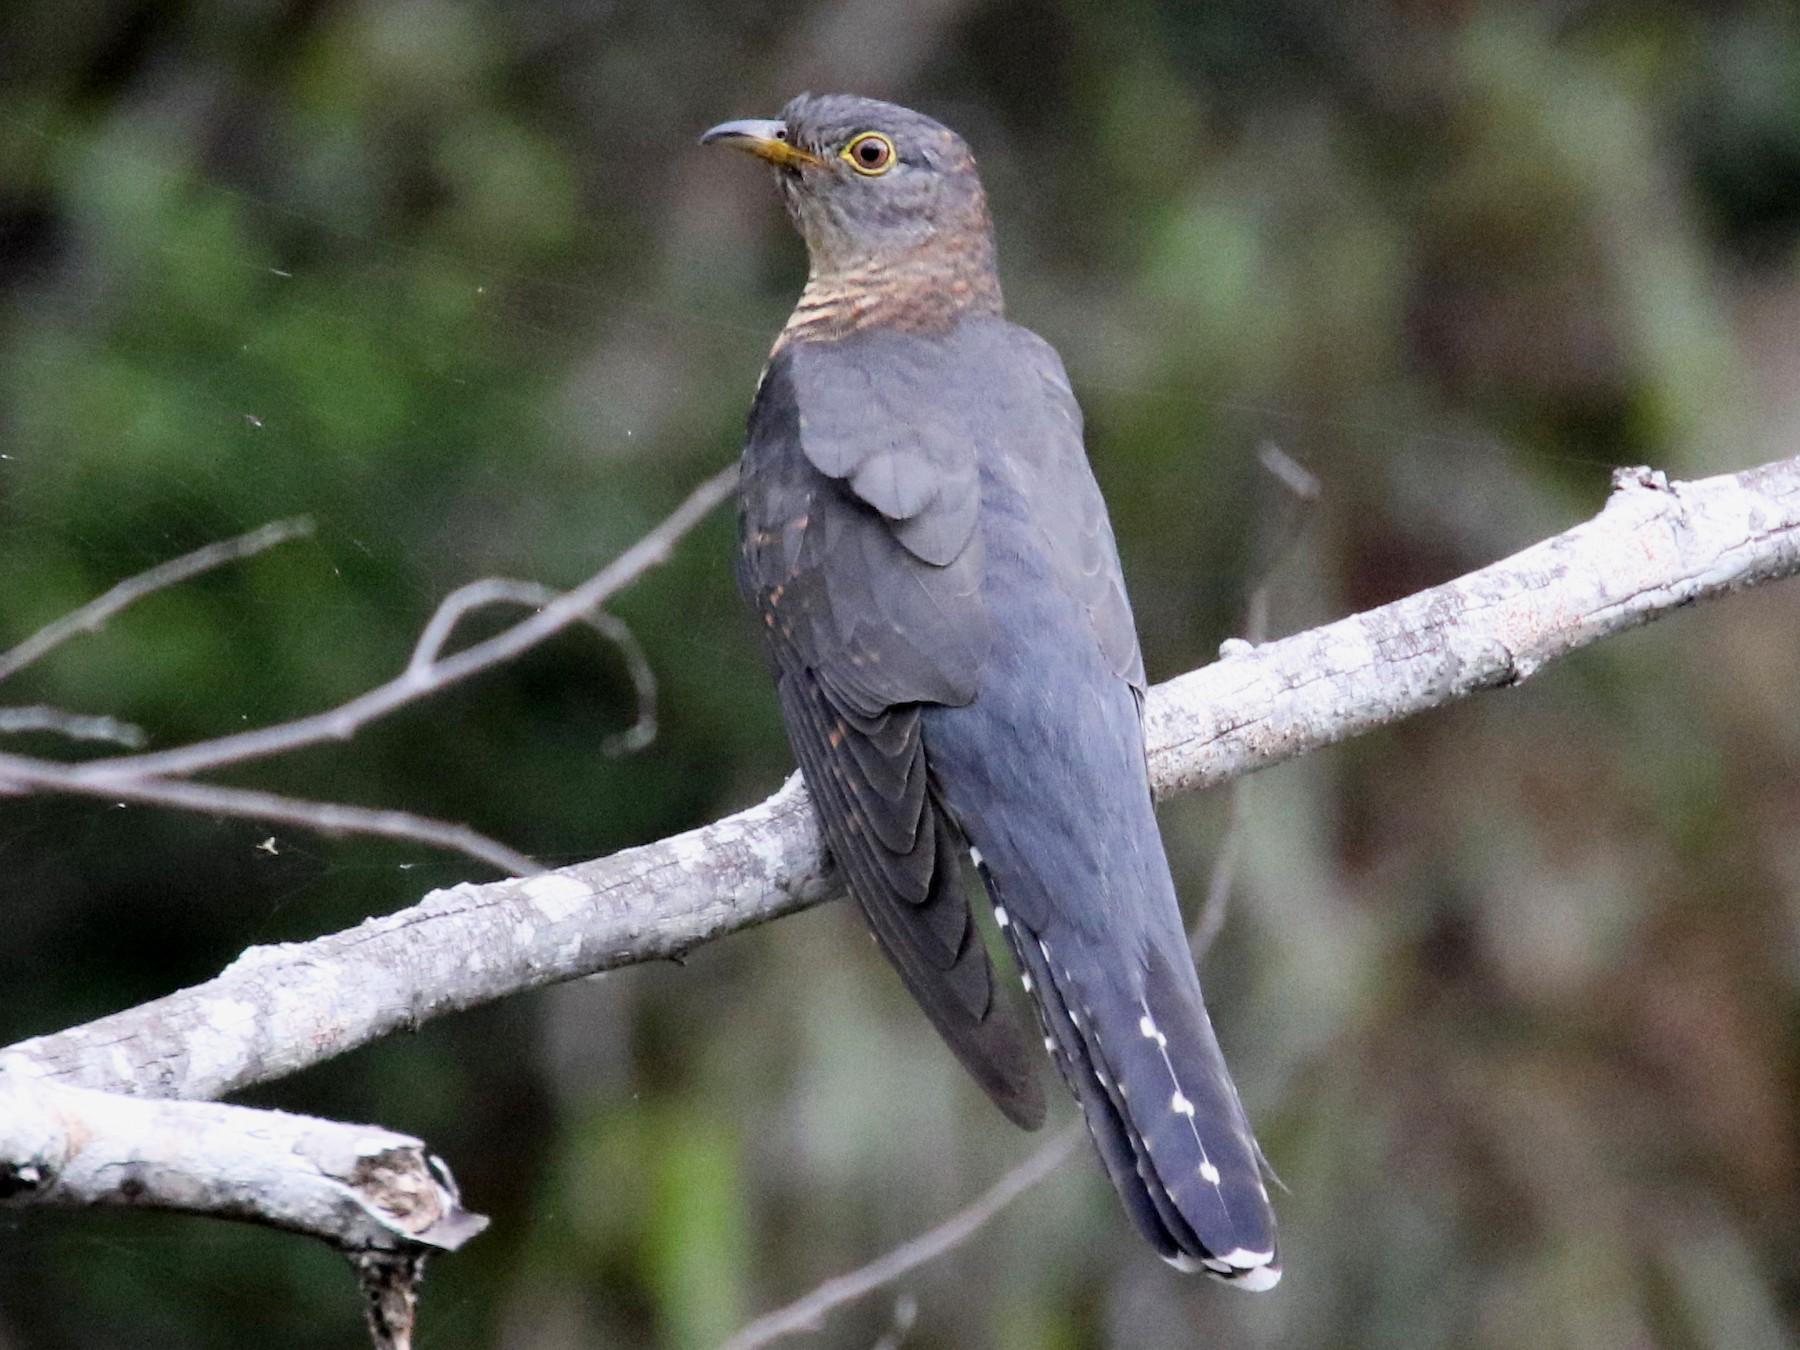 Madagascar Cuckoo - Stephen Gast